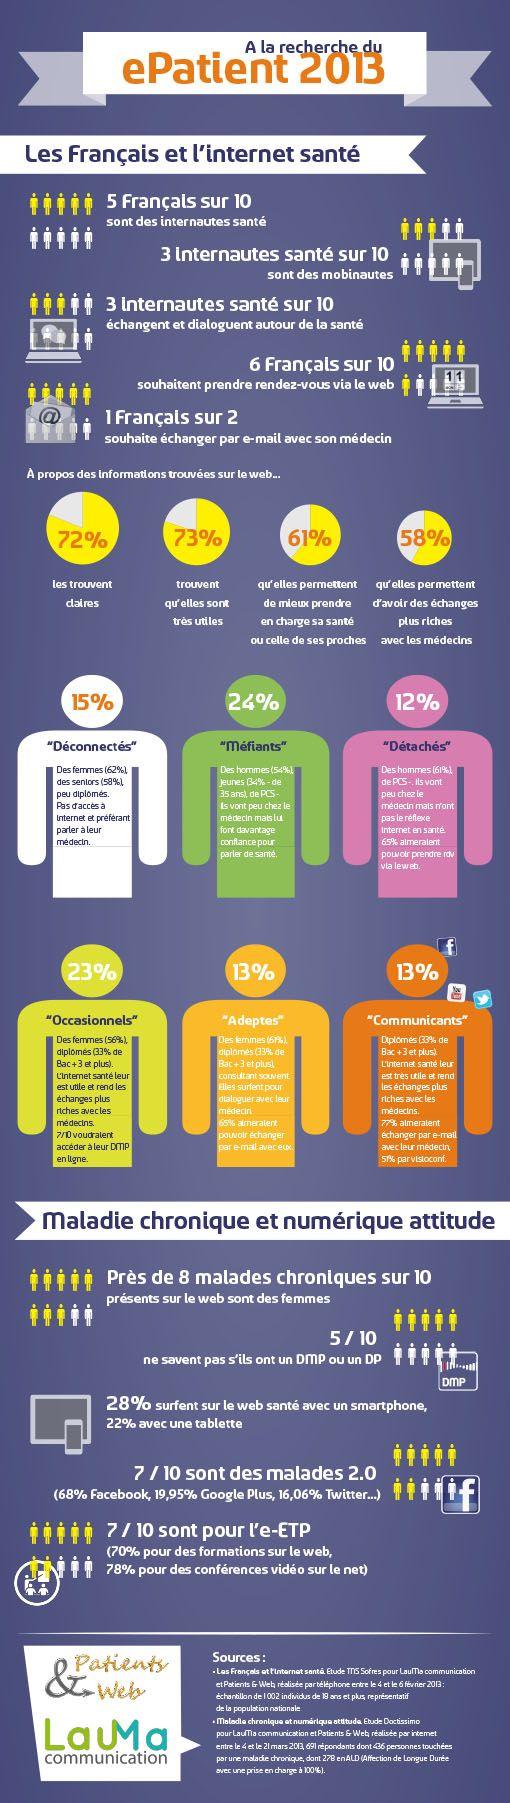 Infographie : A la recherche du ePatient